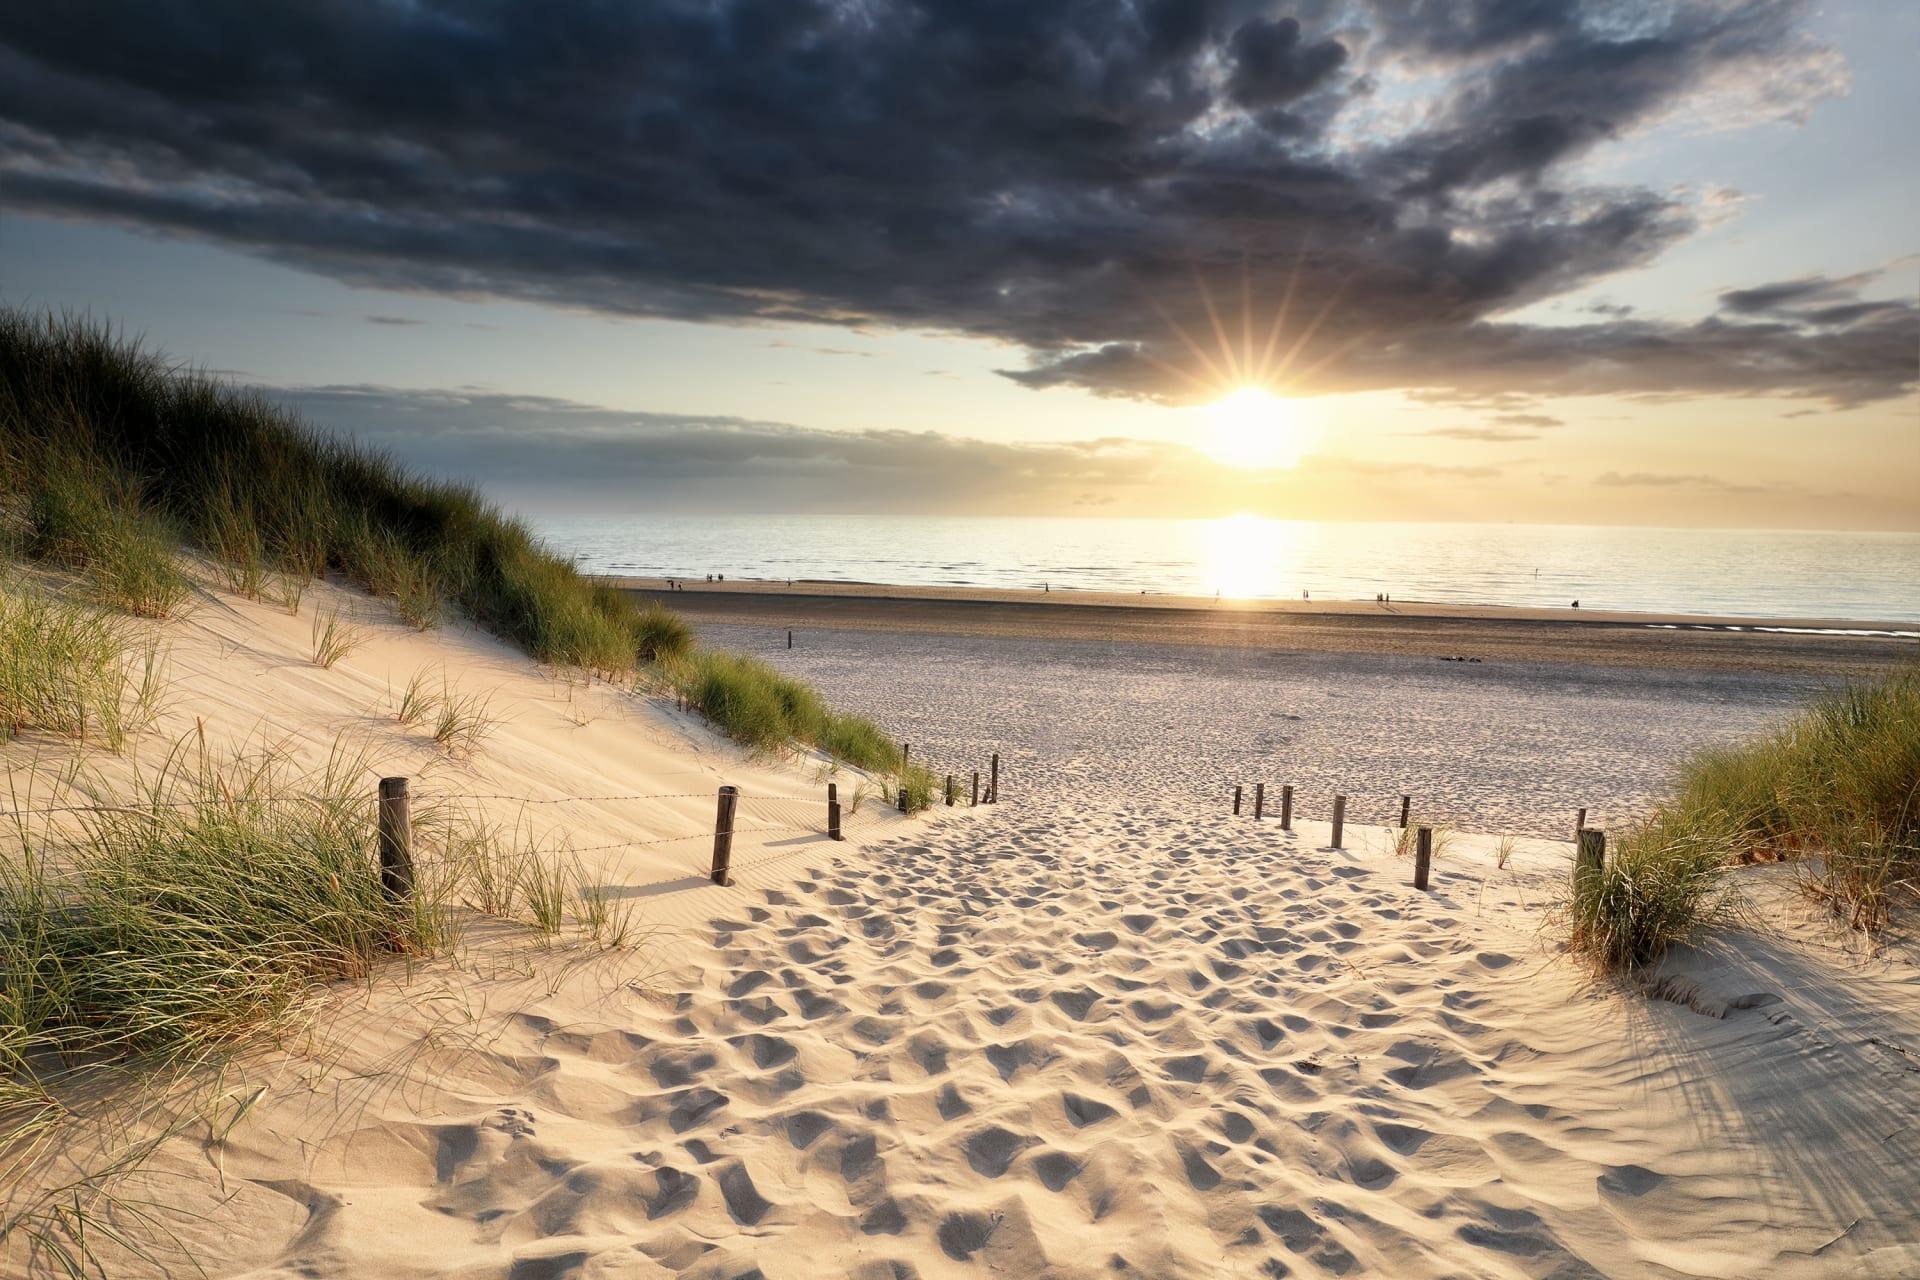 Amsterdam - A Dutch Beach: Sunset Amongst the Sand Dunes